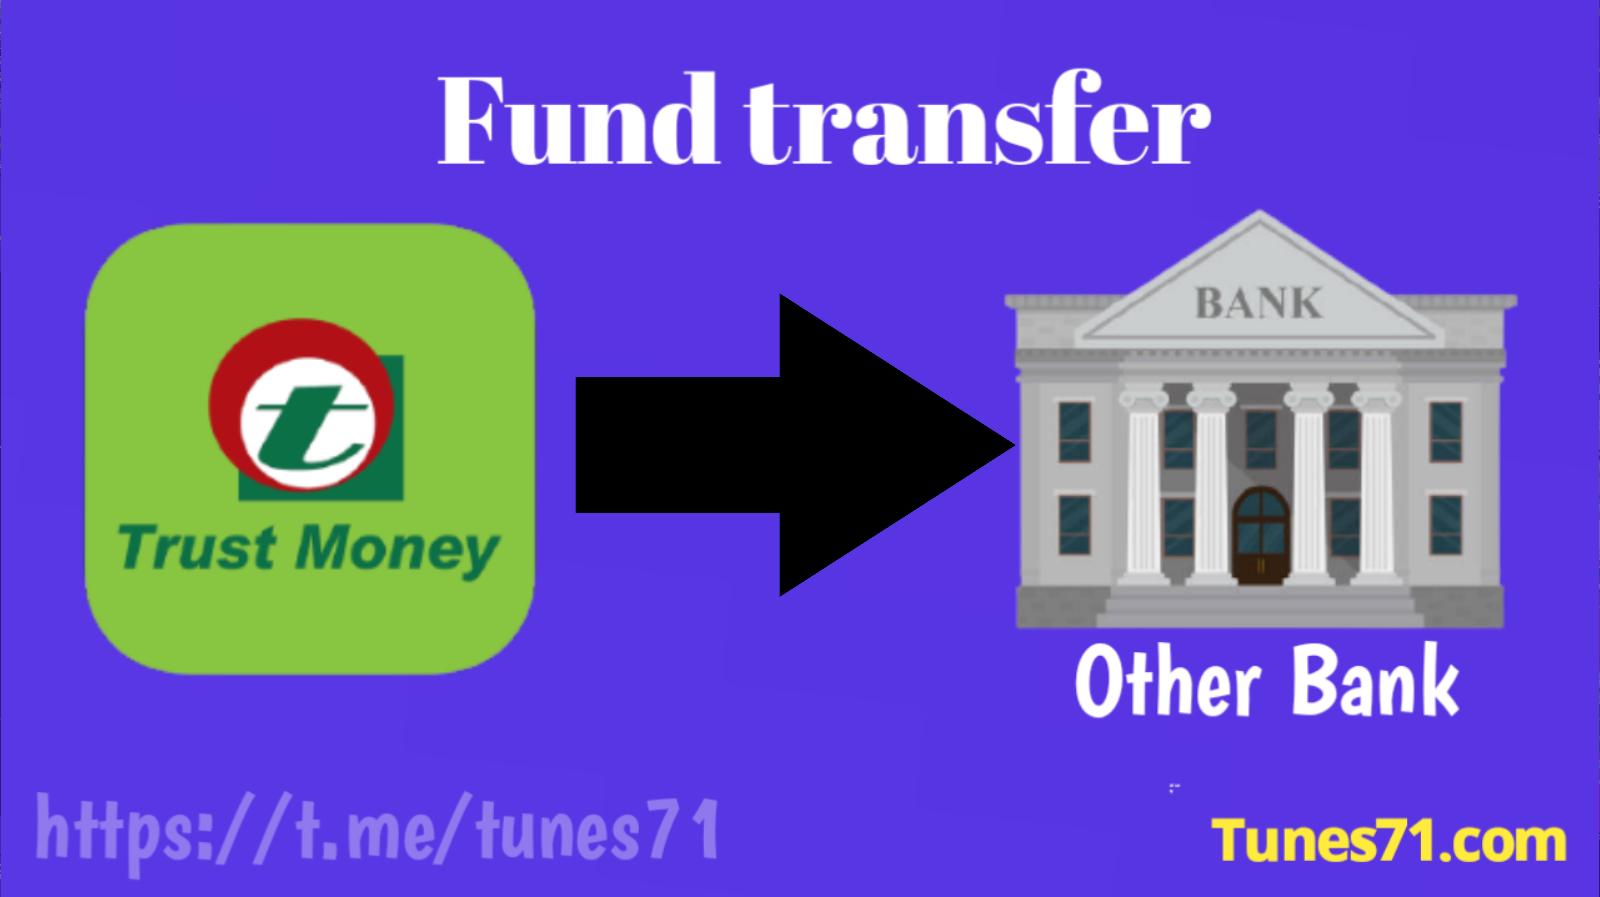 ট্রাস্ট মানি থেকে টাকা পাঠান অন্য ব্যাংকে সম্পুর্ন  ফ্রি [ Trust money to other bank fund transfer]